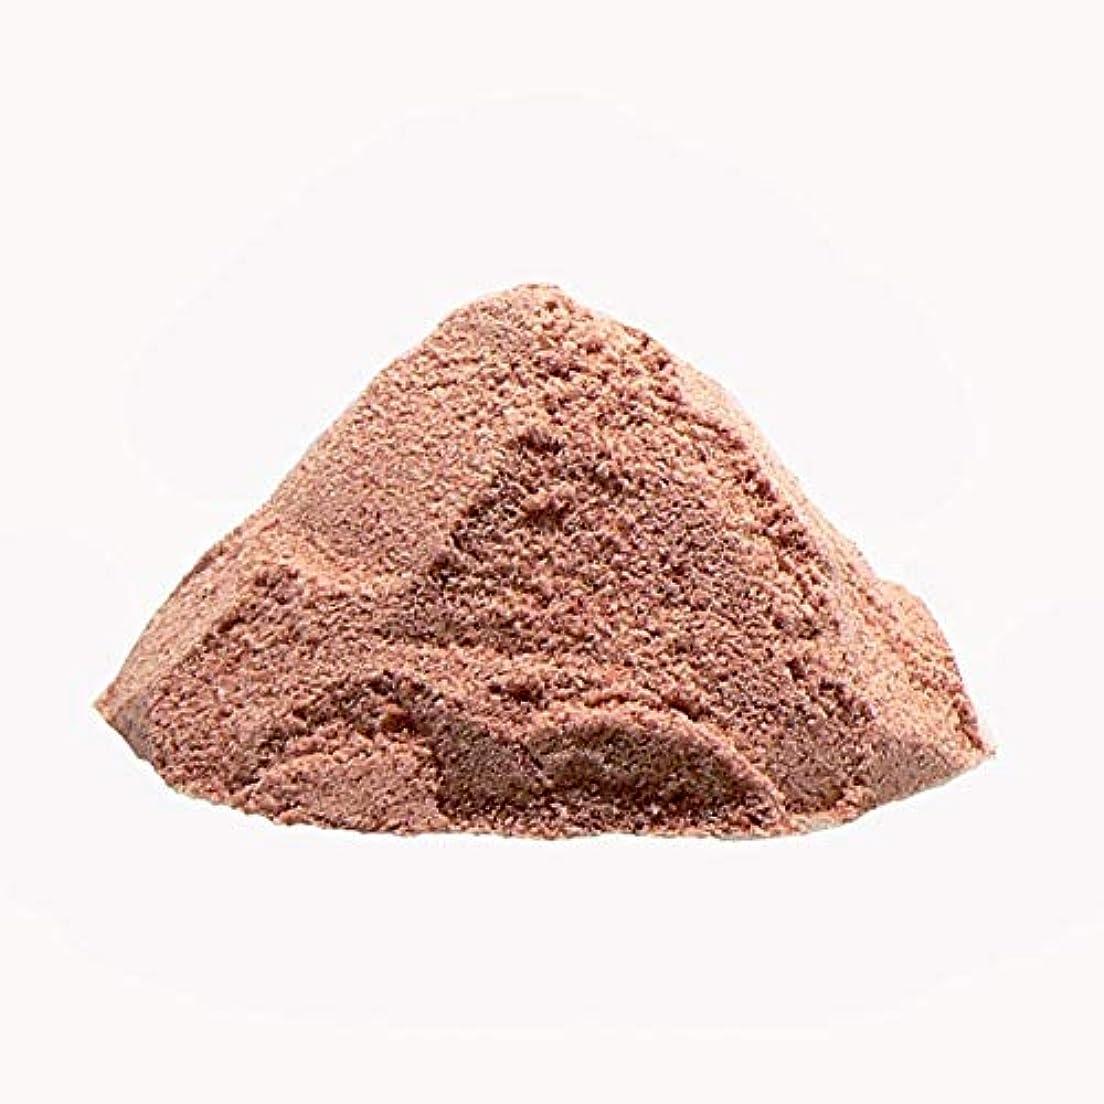 特殊呼吸する報いるヒマラヤ岩塩 プレミアム ルビーソルト バスソルト(パウダー)ネパール産 ルビー岩塩 (600g×2個セット)